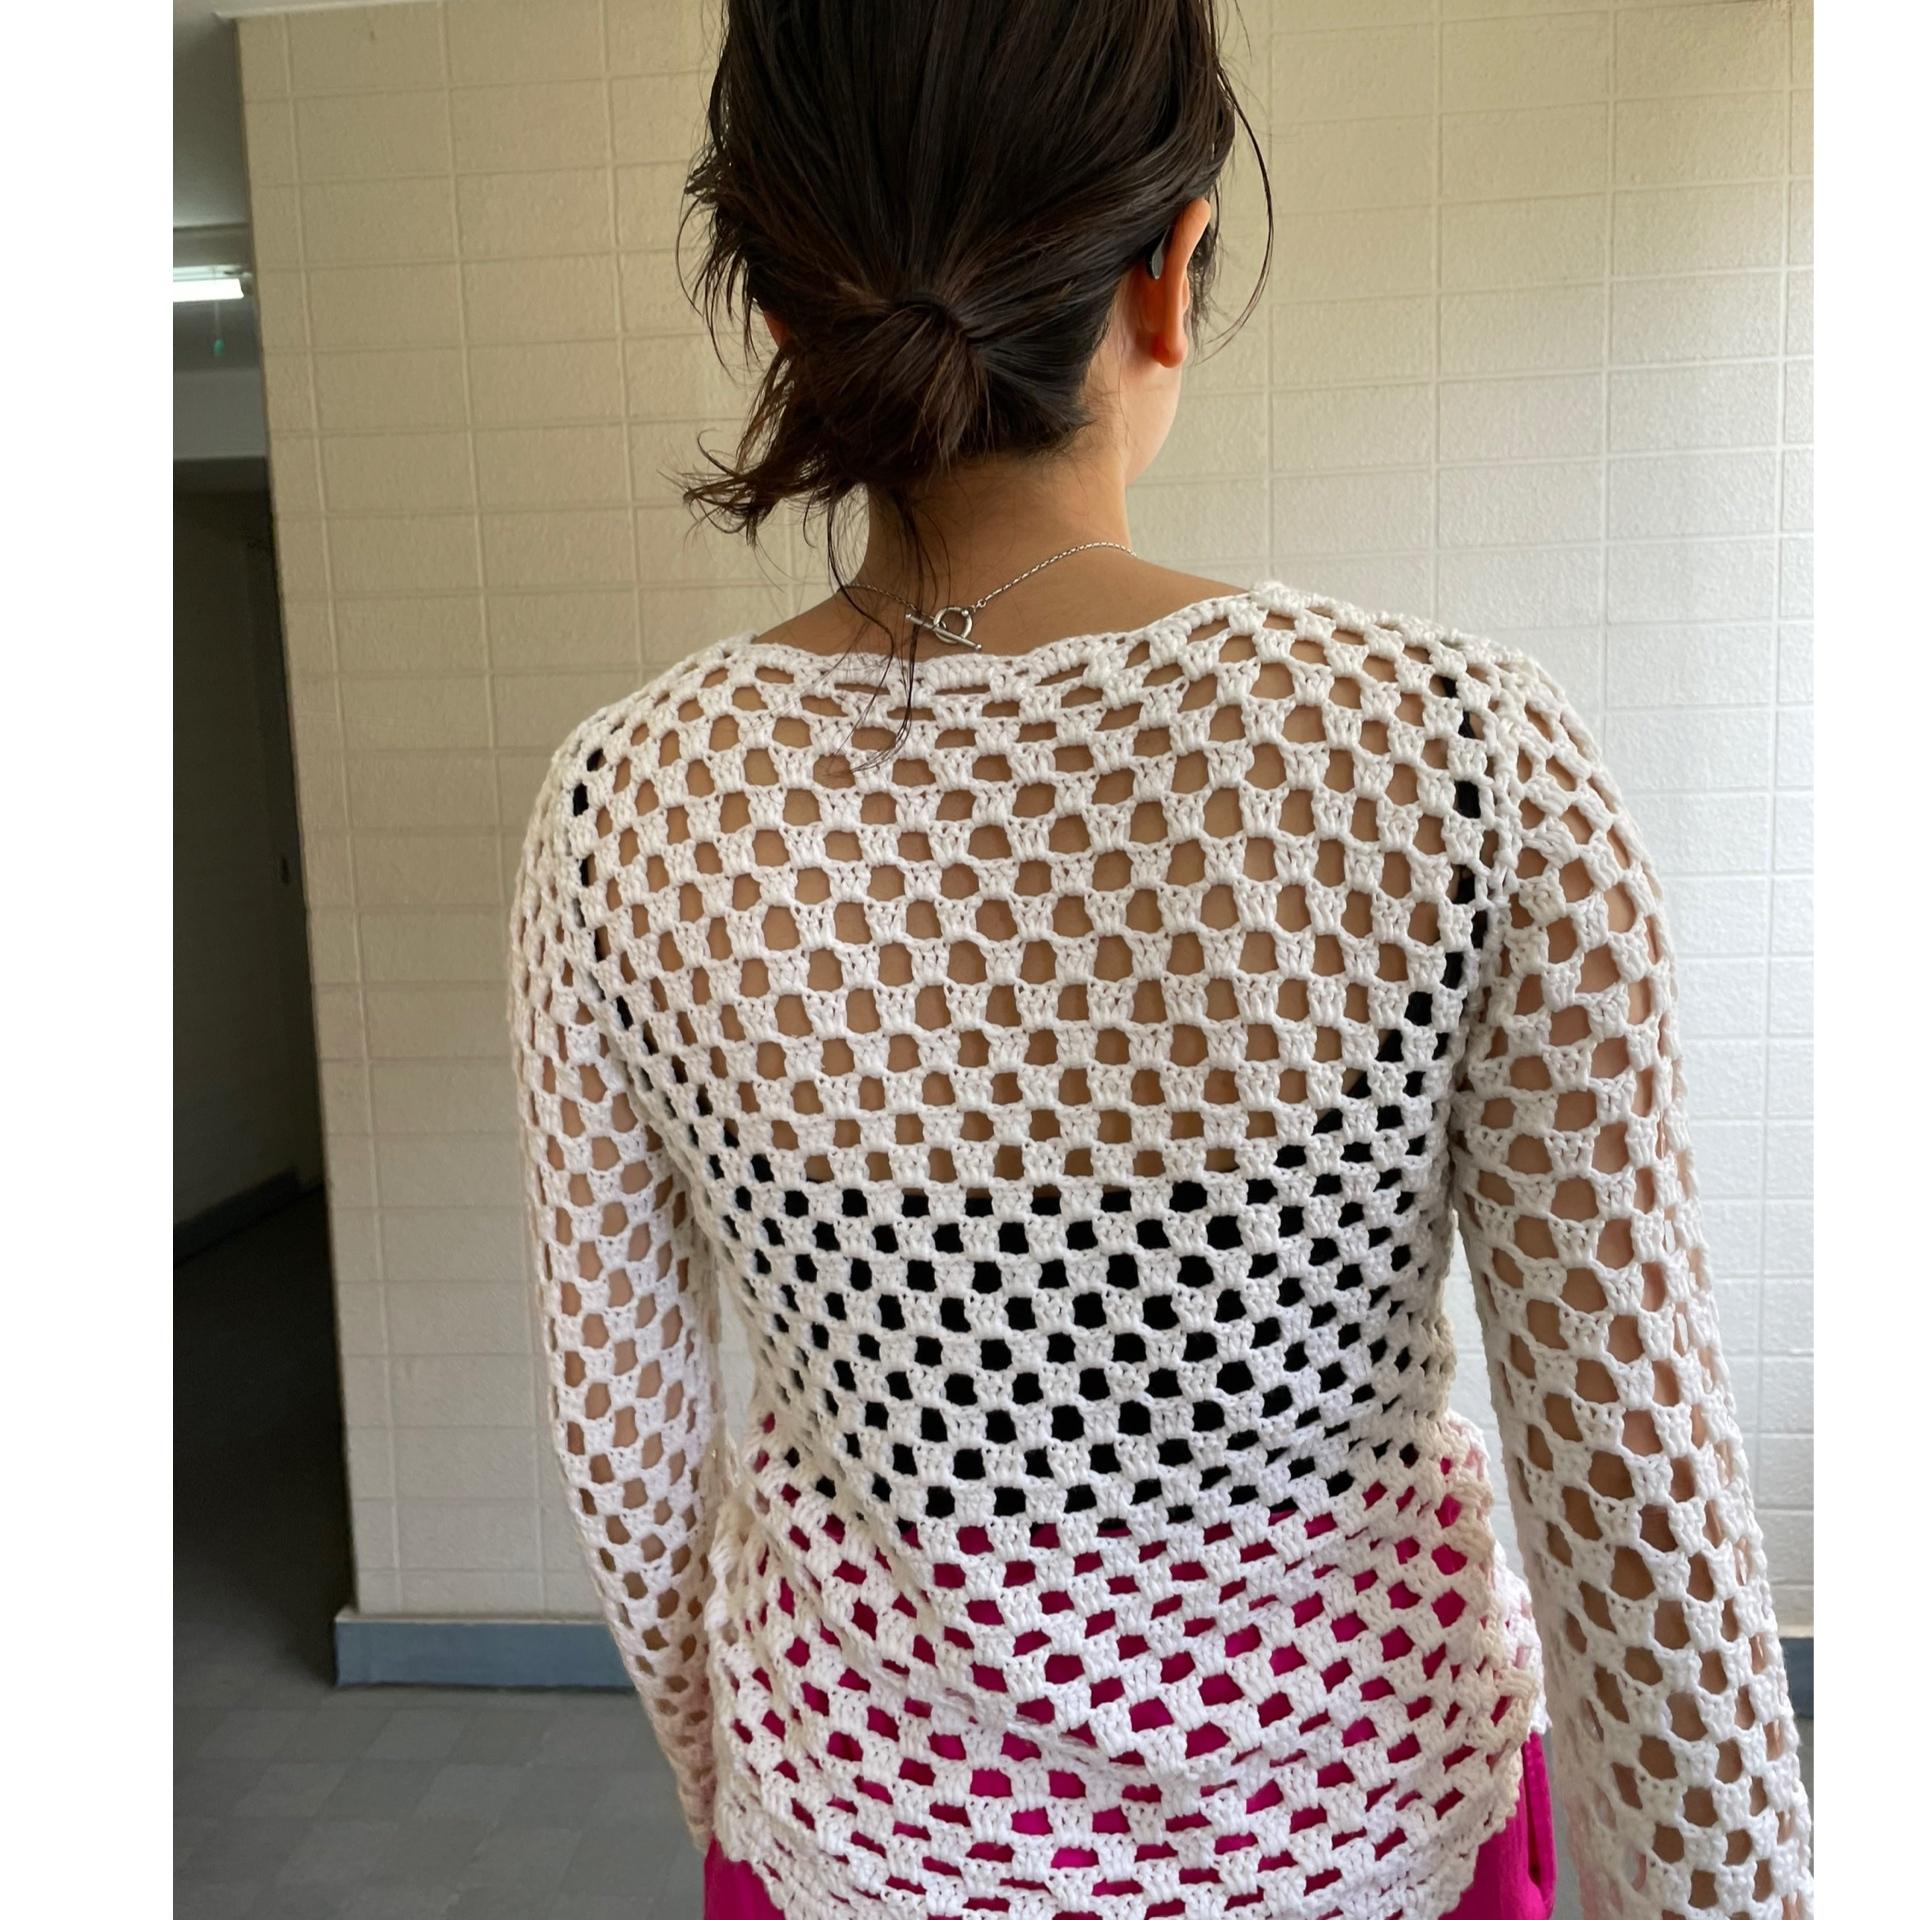 Flower crochet knit long sleeve